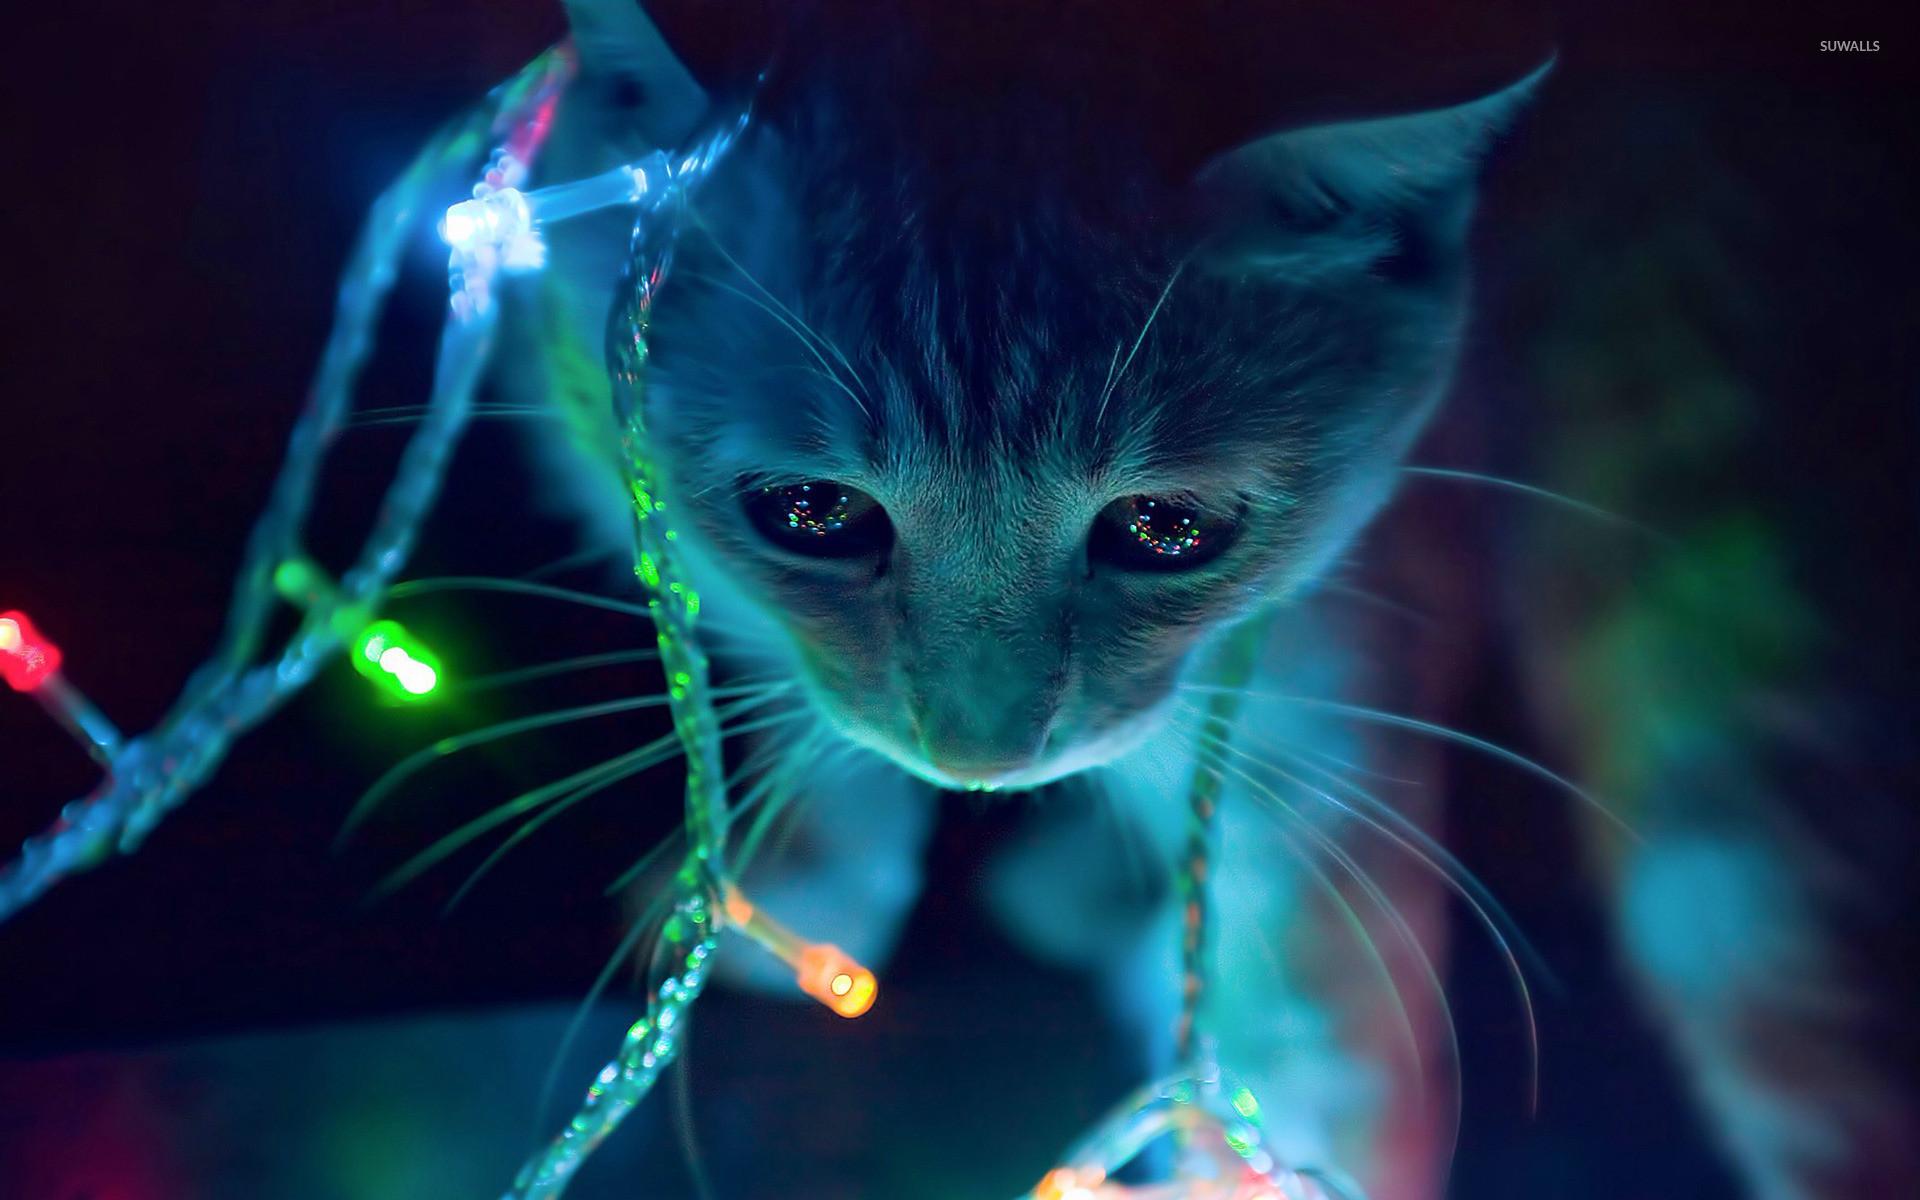 Hình nền mèo bóng tối ngộ nghĩnh